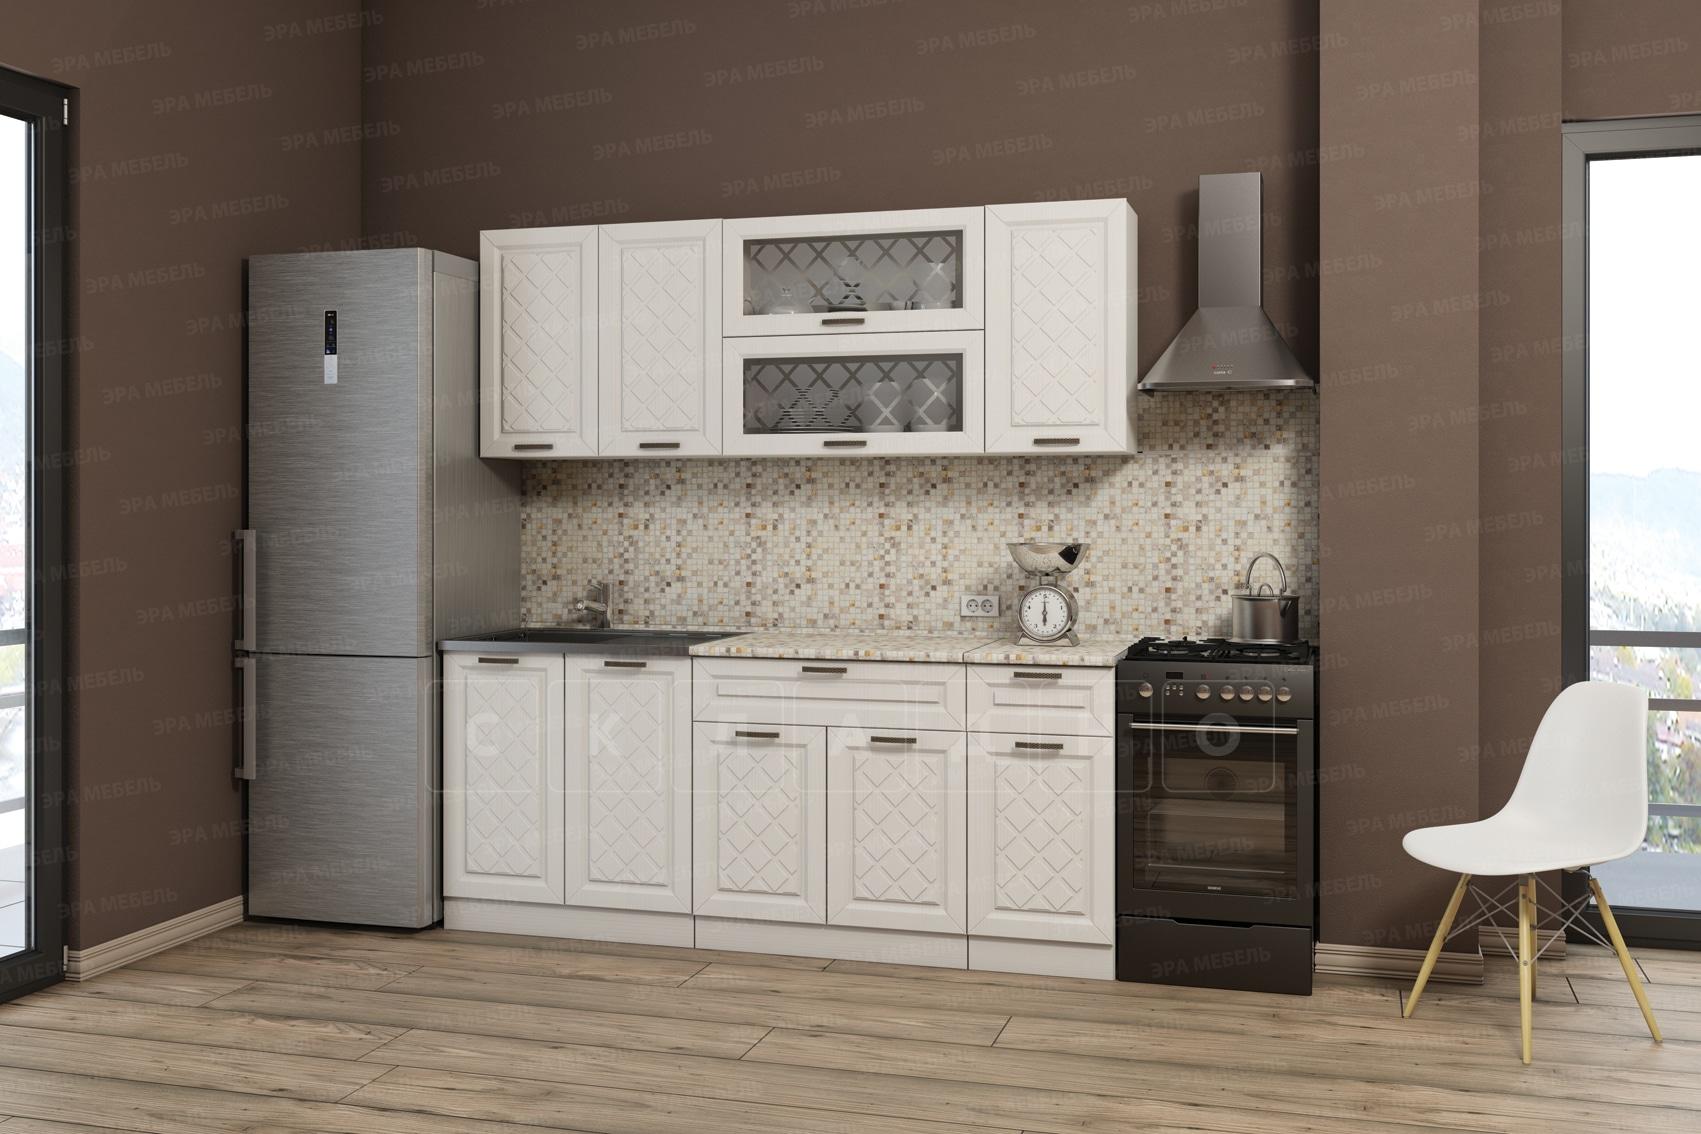 Кухонный гарнитур Агава 2,0 м вариант 2 фото 1 | интернет-магазин Складно